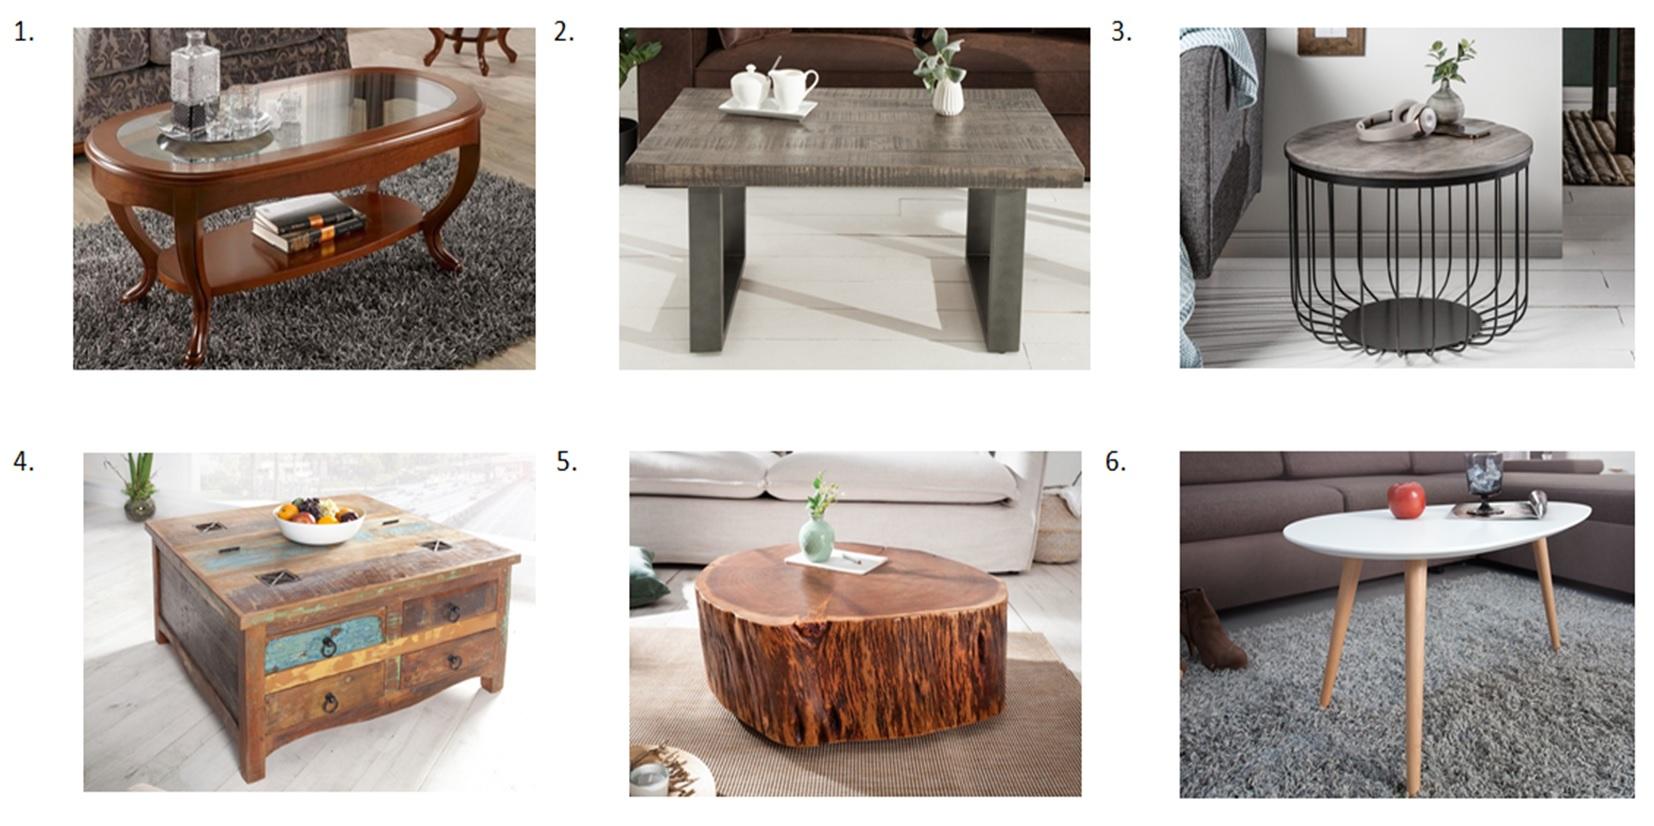 Výber konferenčného stolíka podľa tvaru a dizajnu